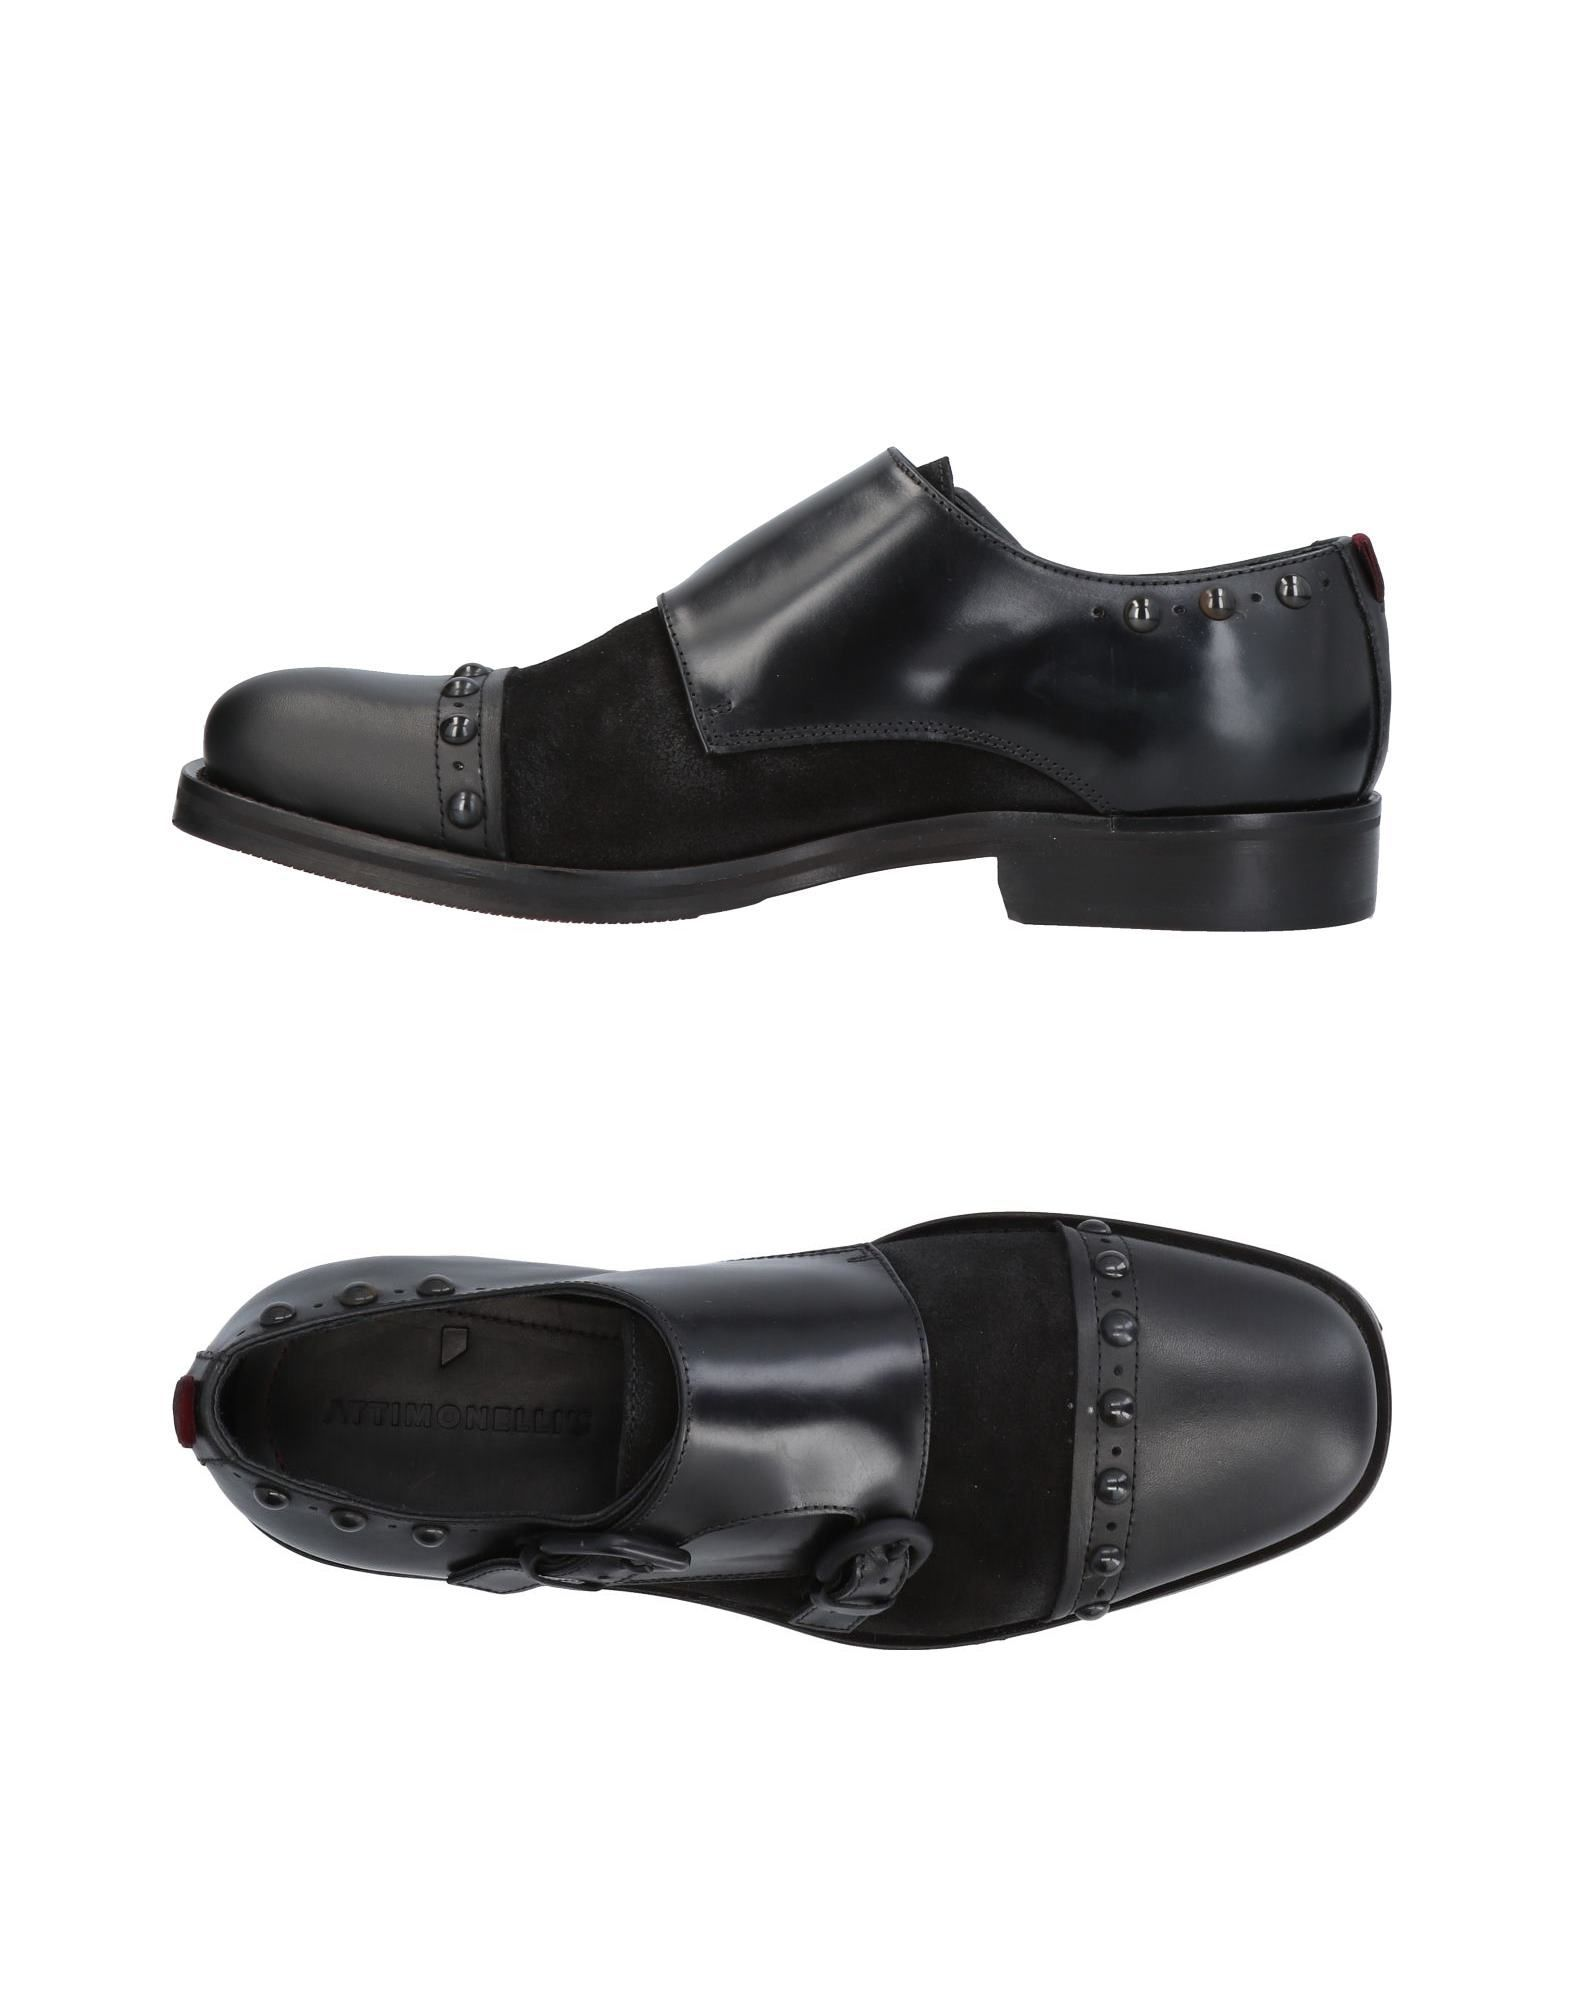 Attimonelli's Mokassins Herren  11447977IW Gute Qualität beliebte Schuhe